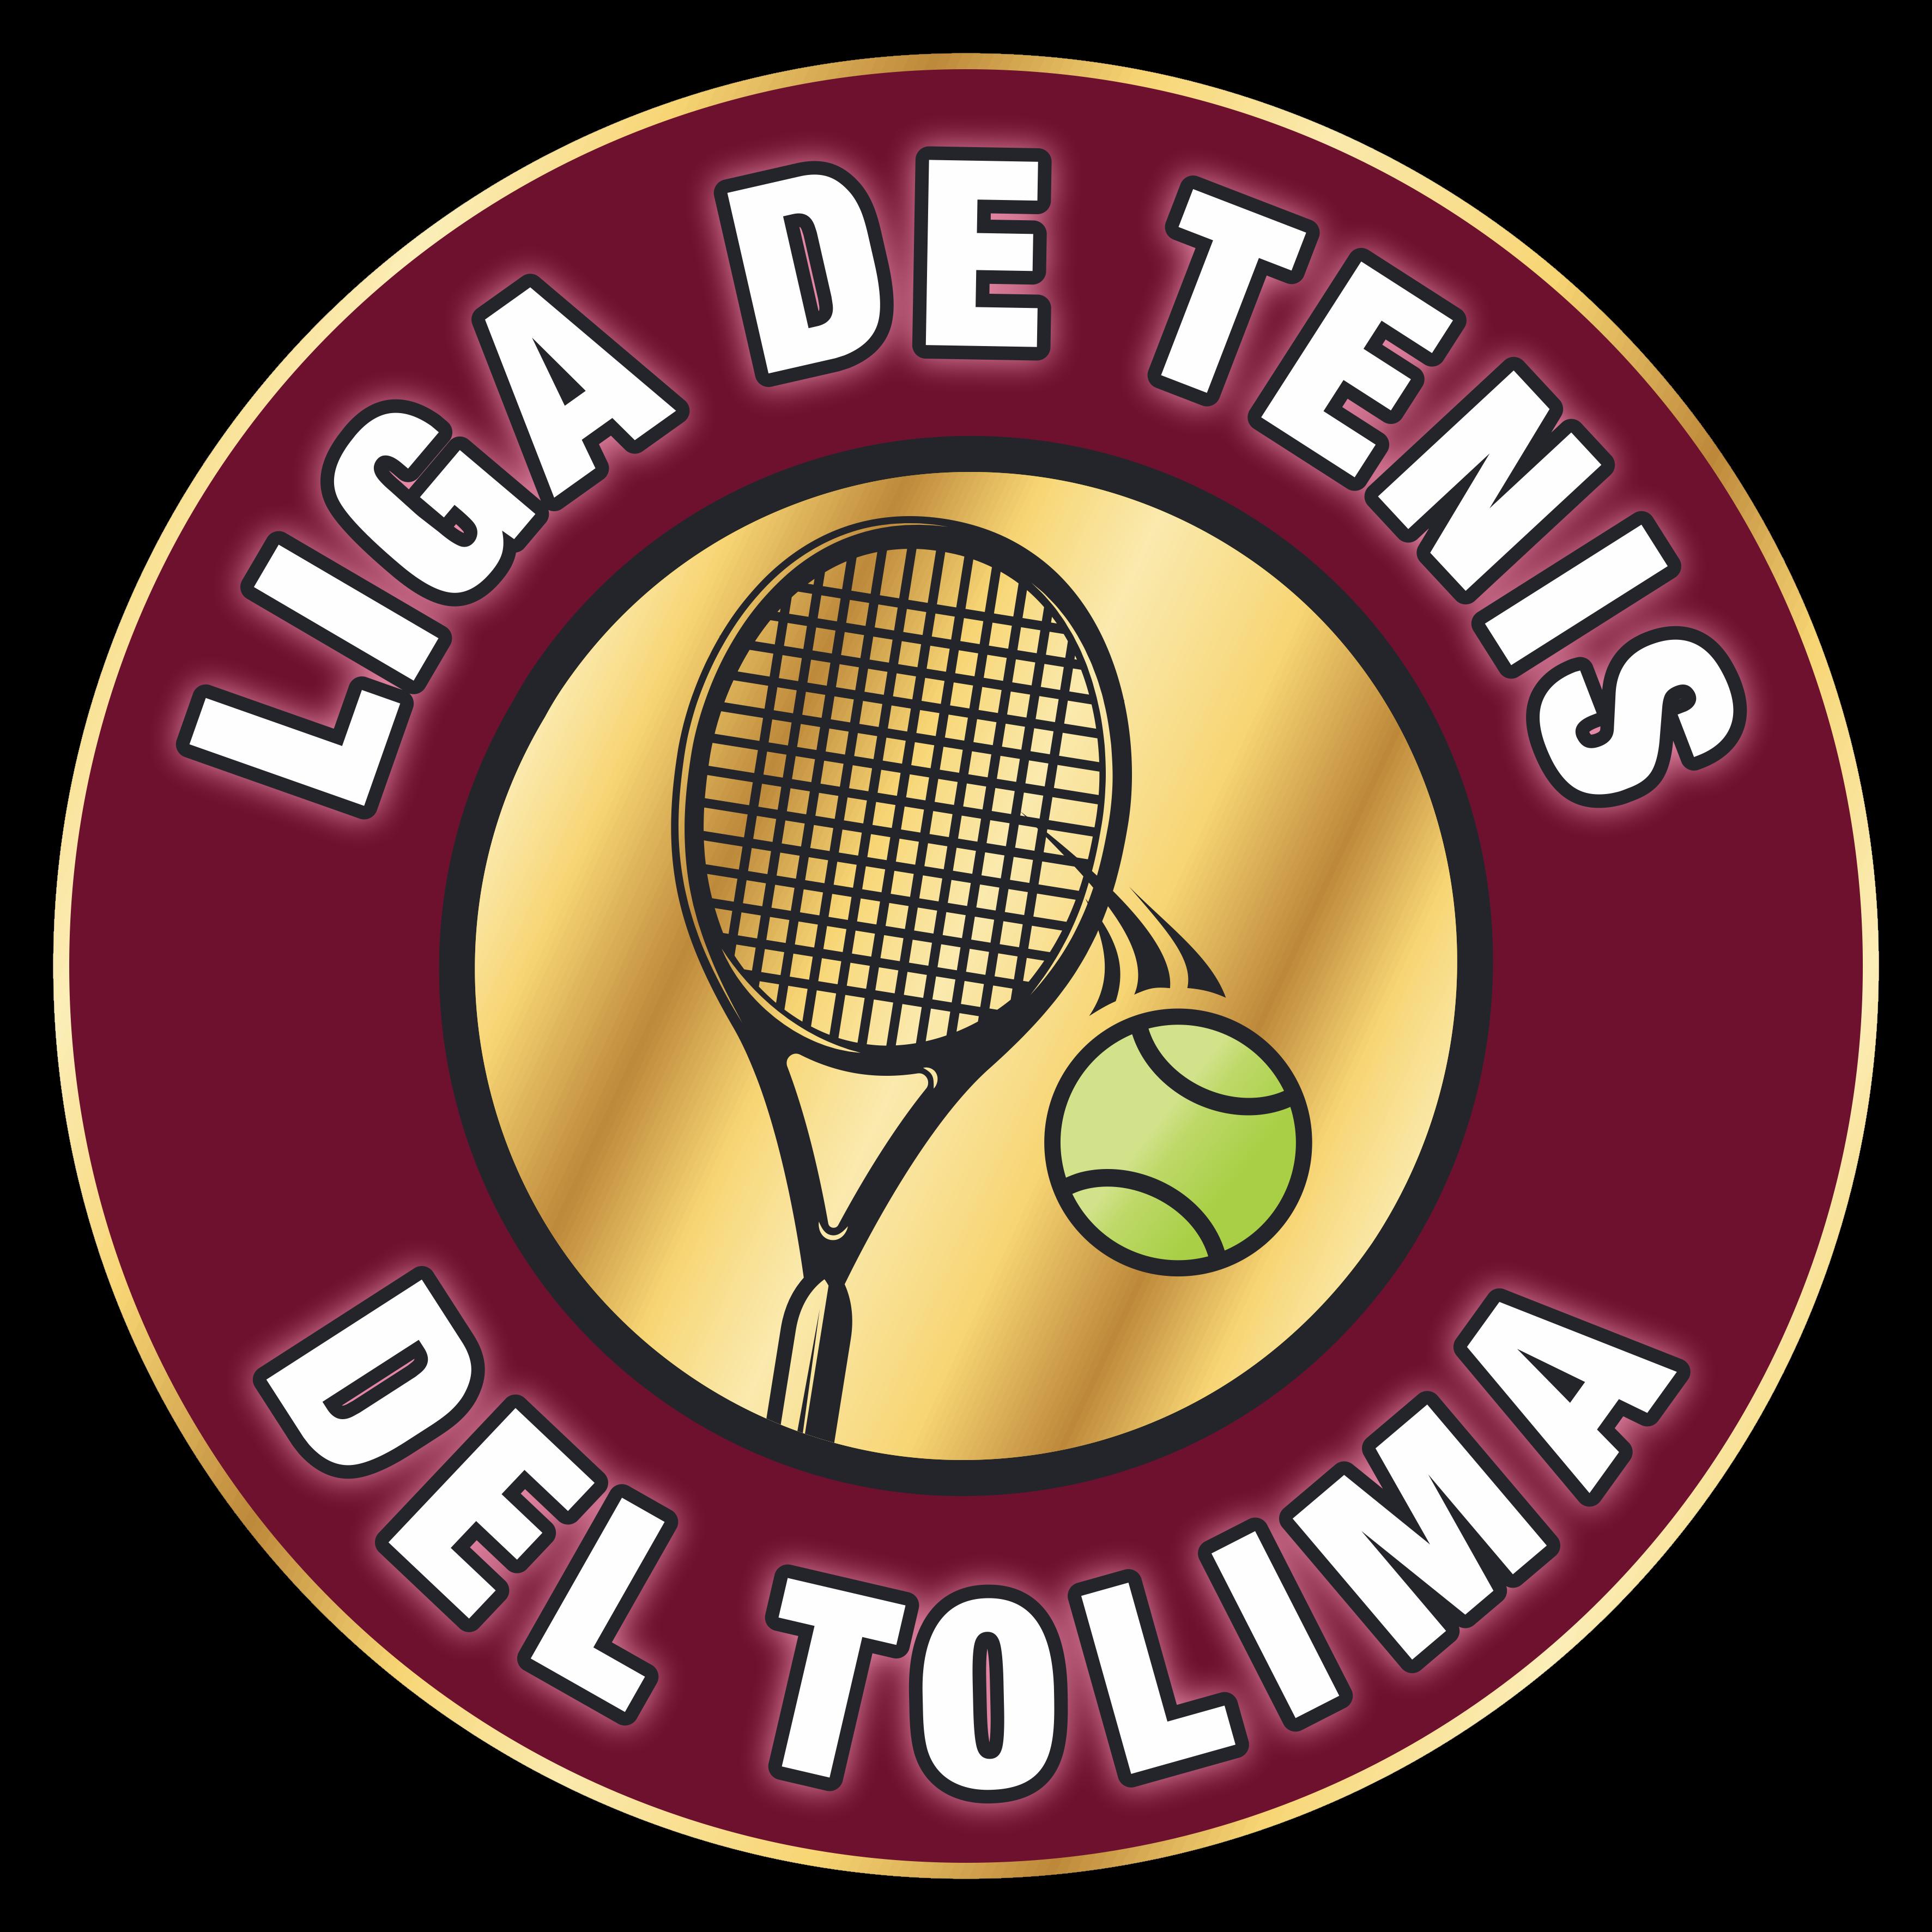 Liga de Tenis del Tolima.png (2.56 MB)